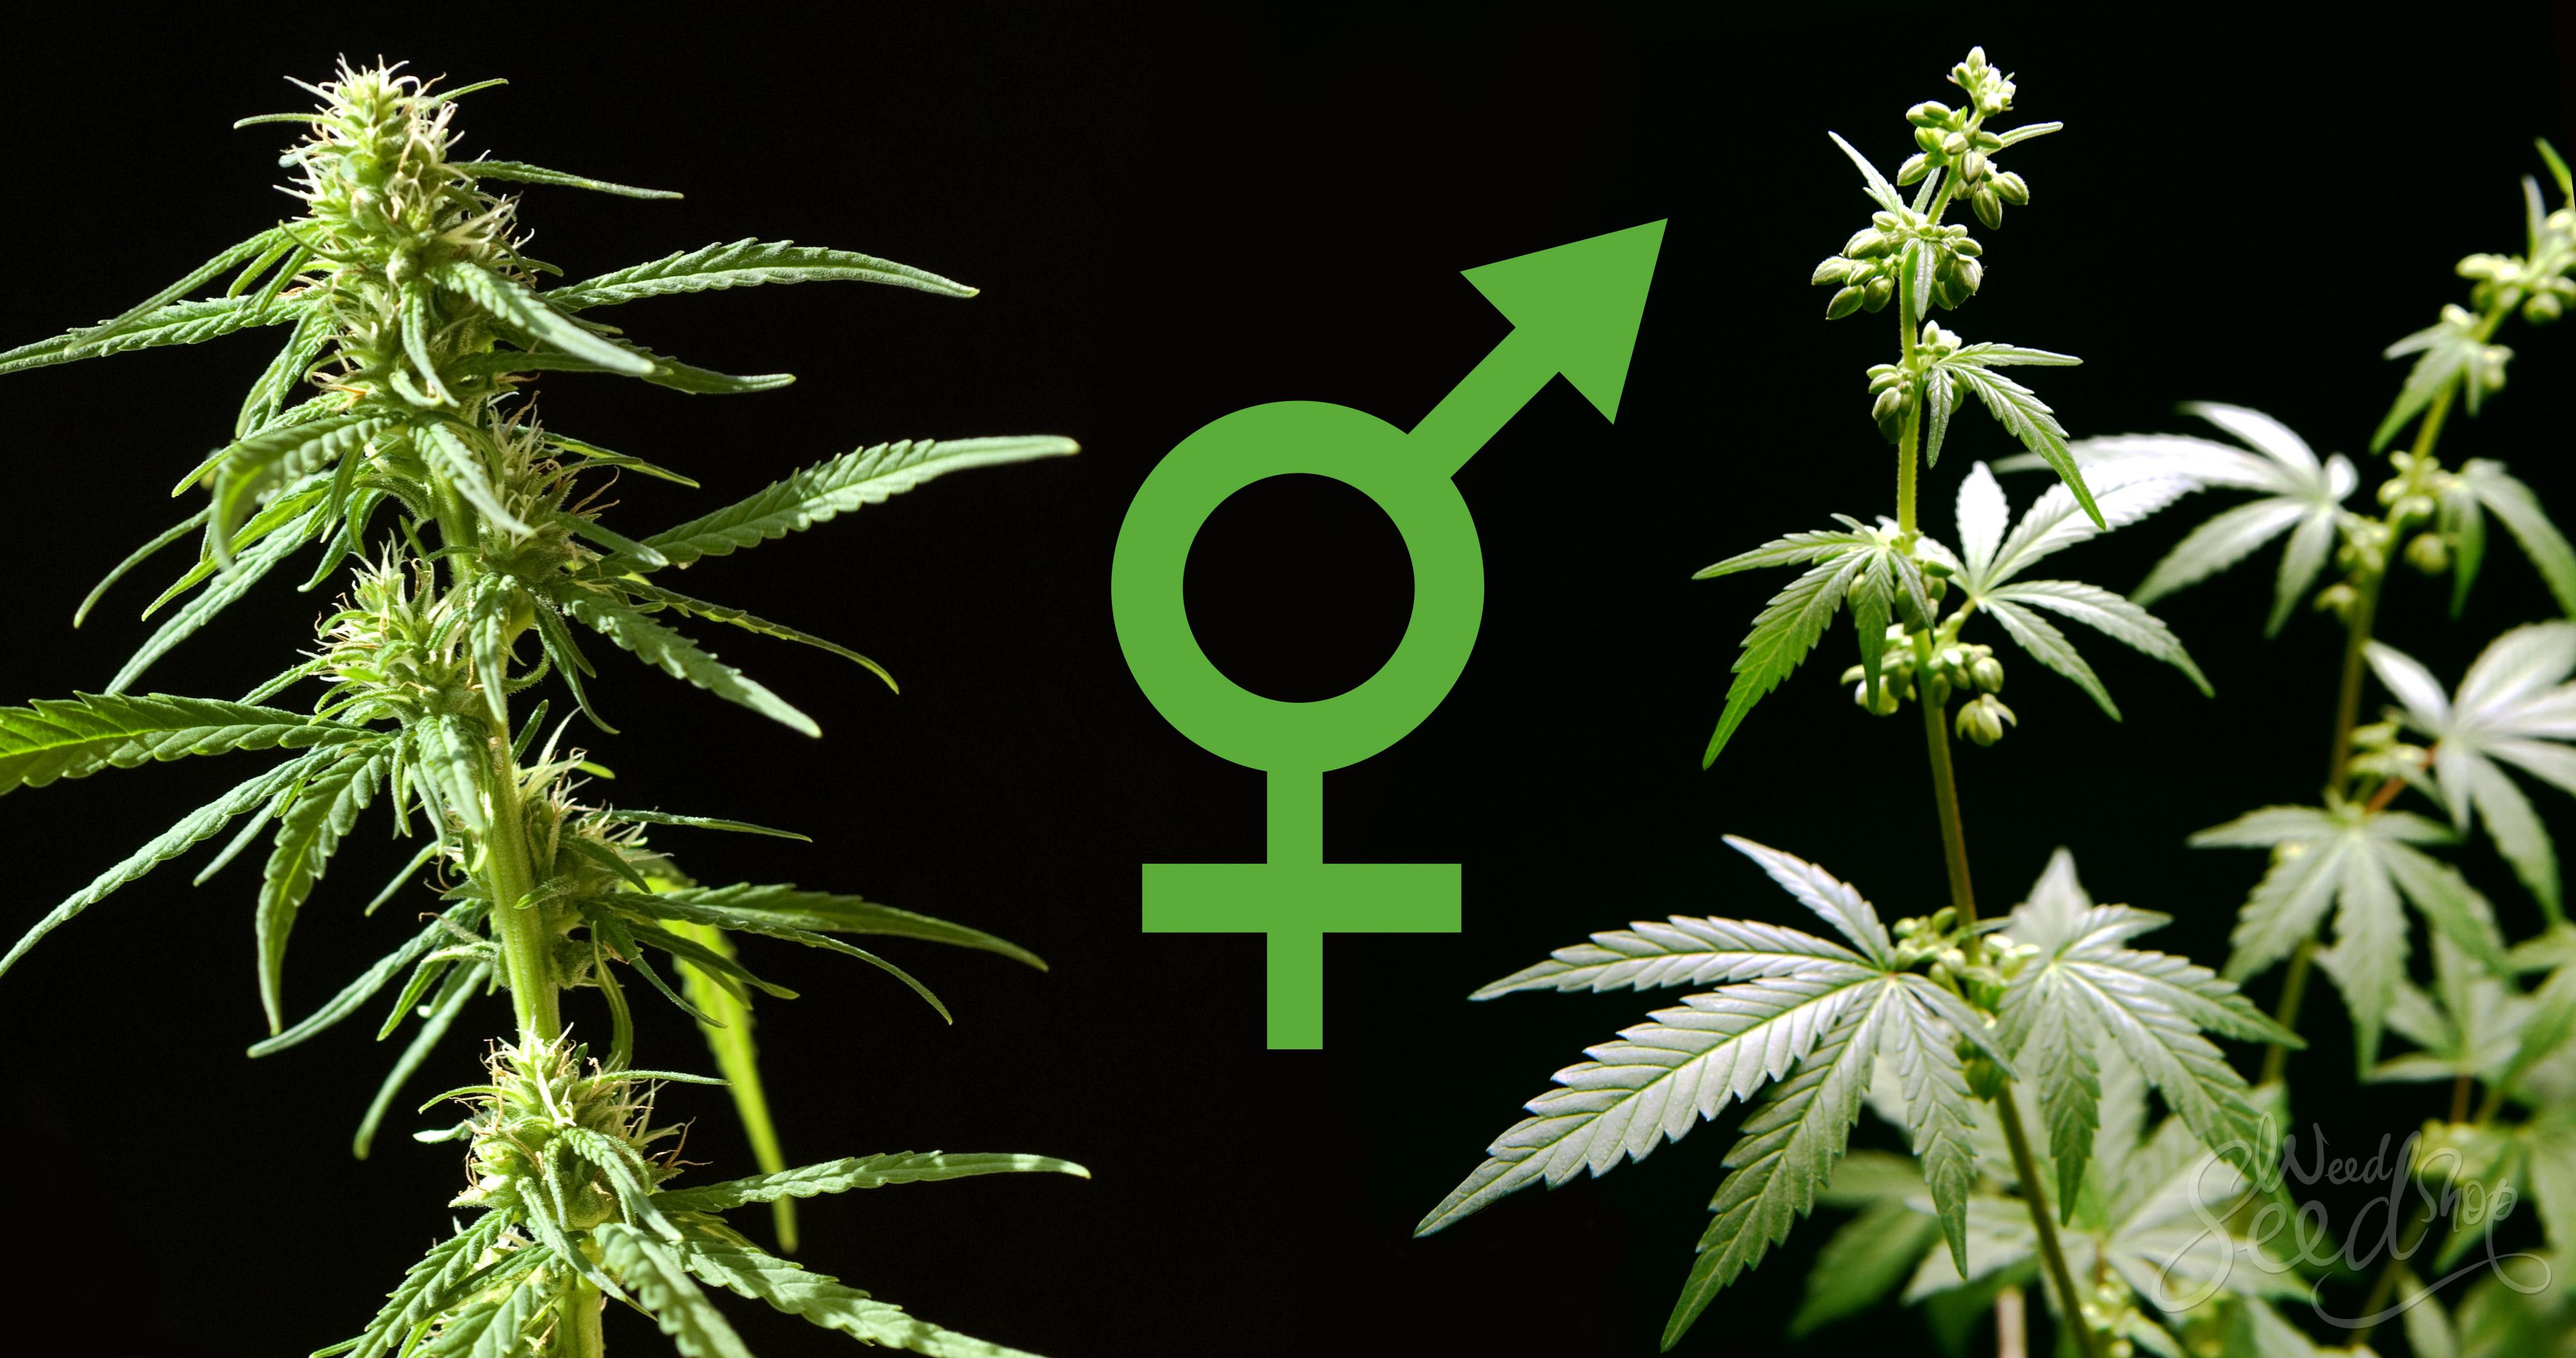 Comment savoir si ton plant de cannabis est mâle ou femelle